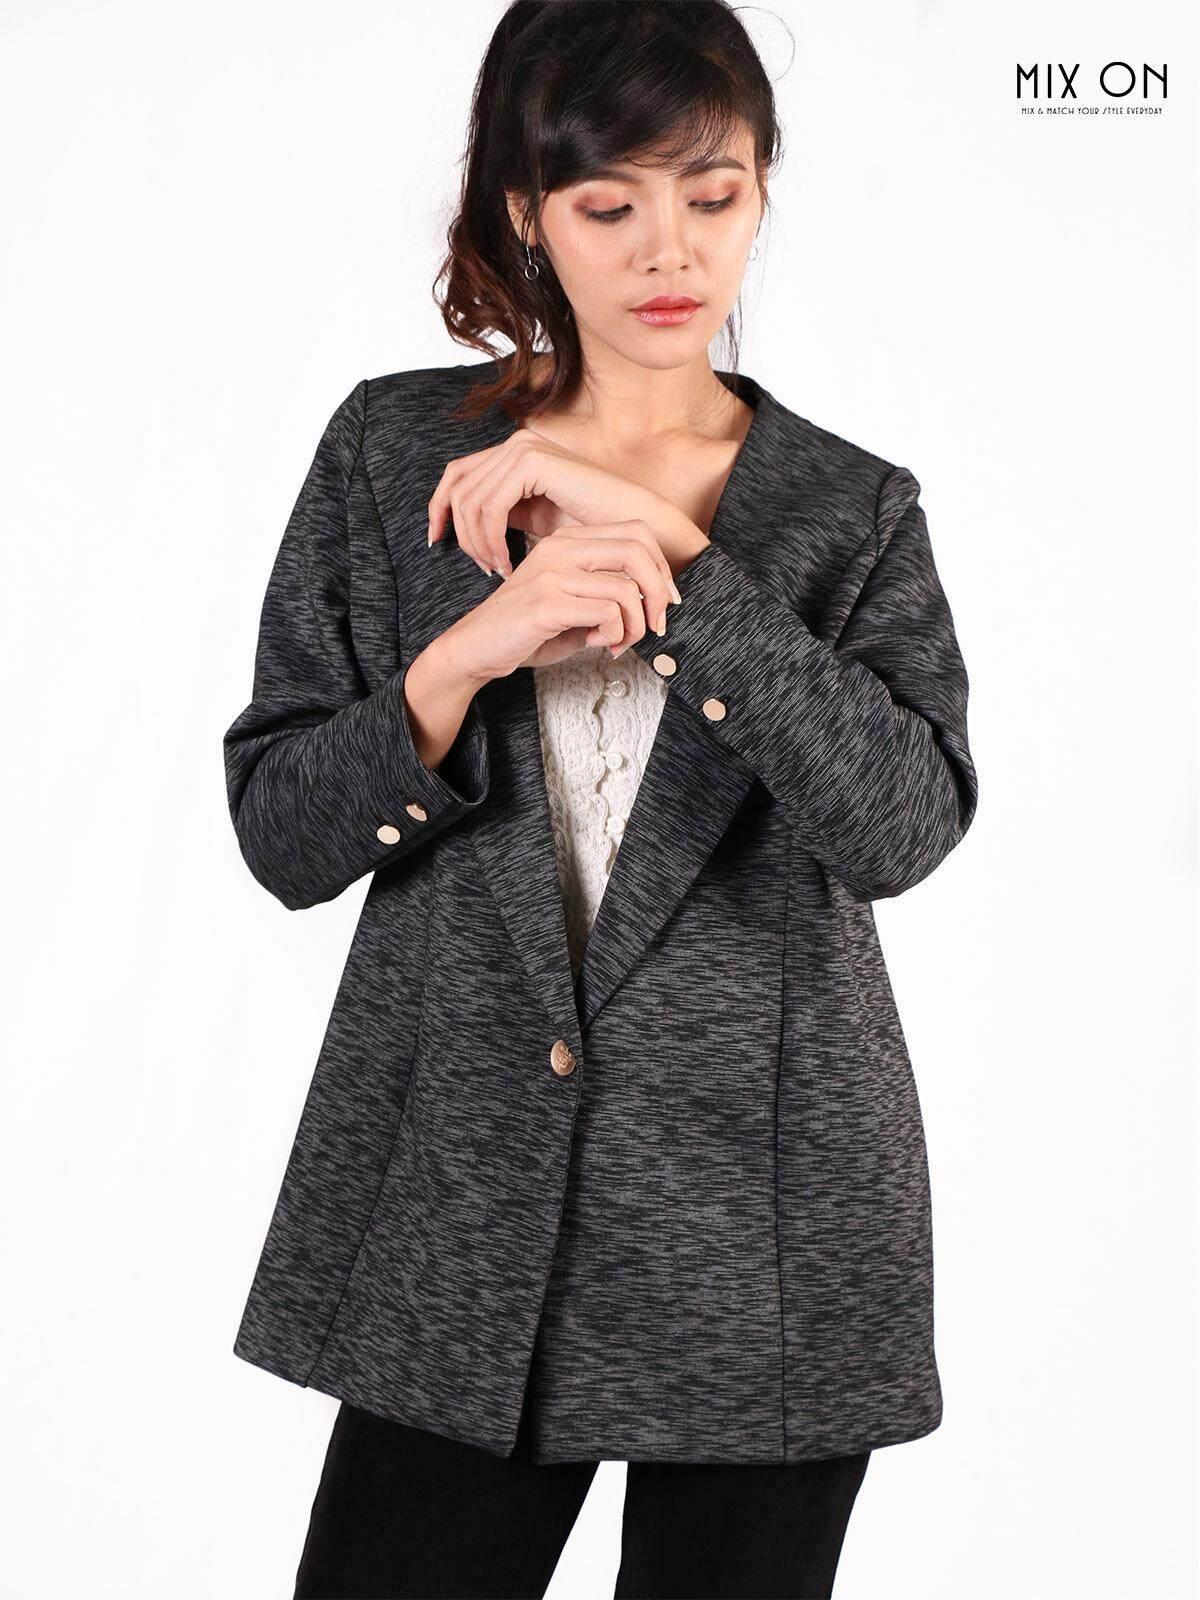 สุดยอดสินค้า!! (ส่งฟรี Kerry) Mixon ชุดทำงาน เสื้อสูททำงาน ทรงสุภาพ Vanesa Single Button Suit